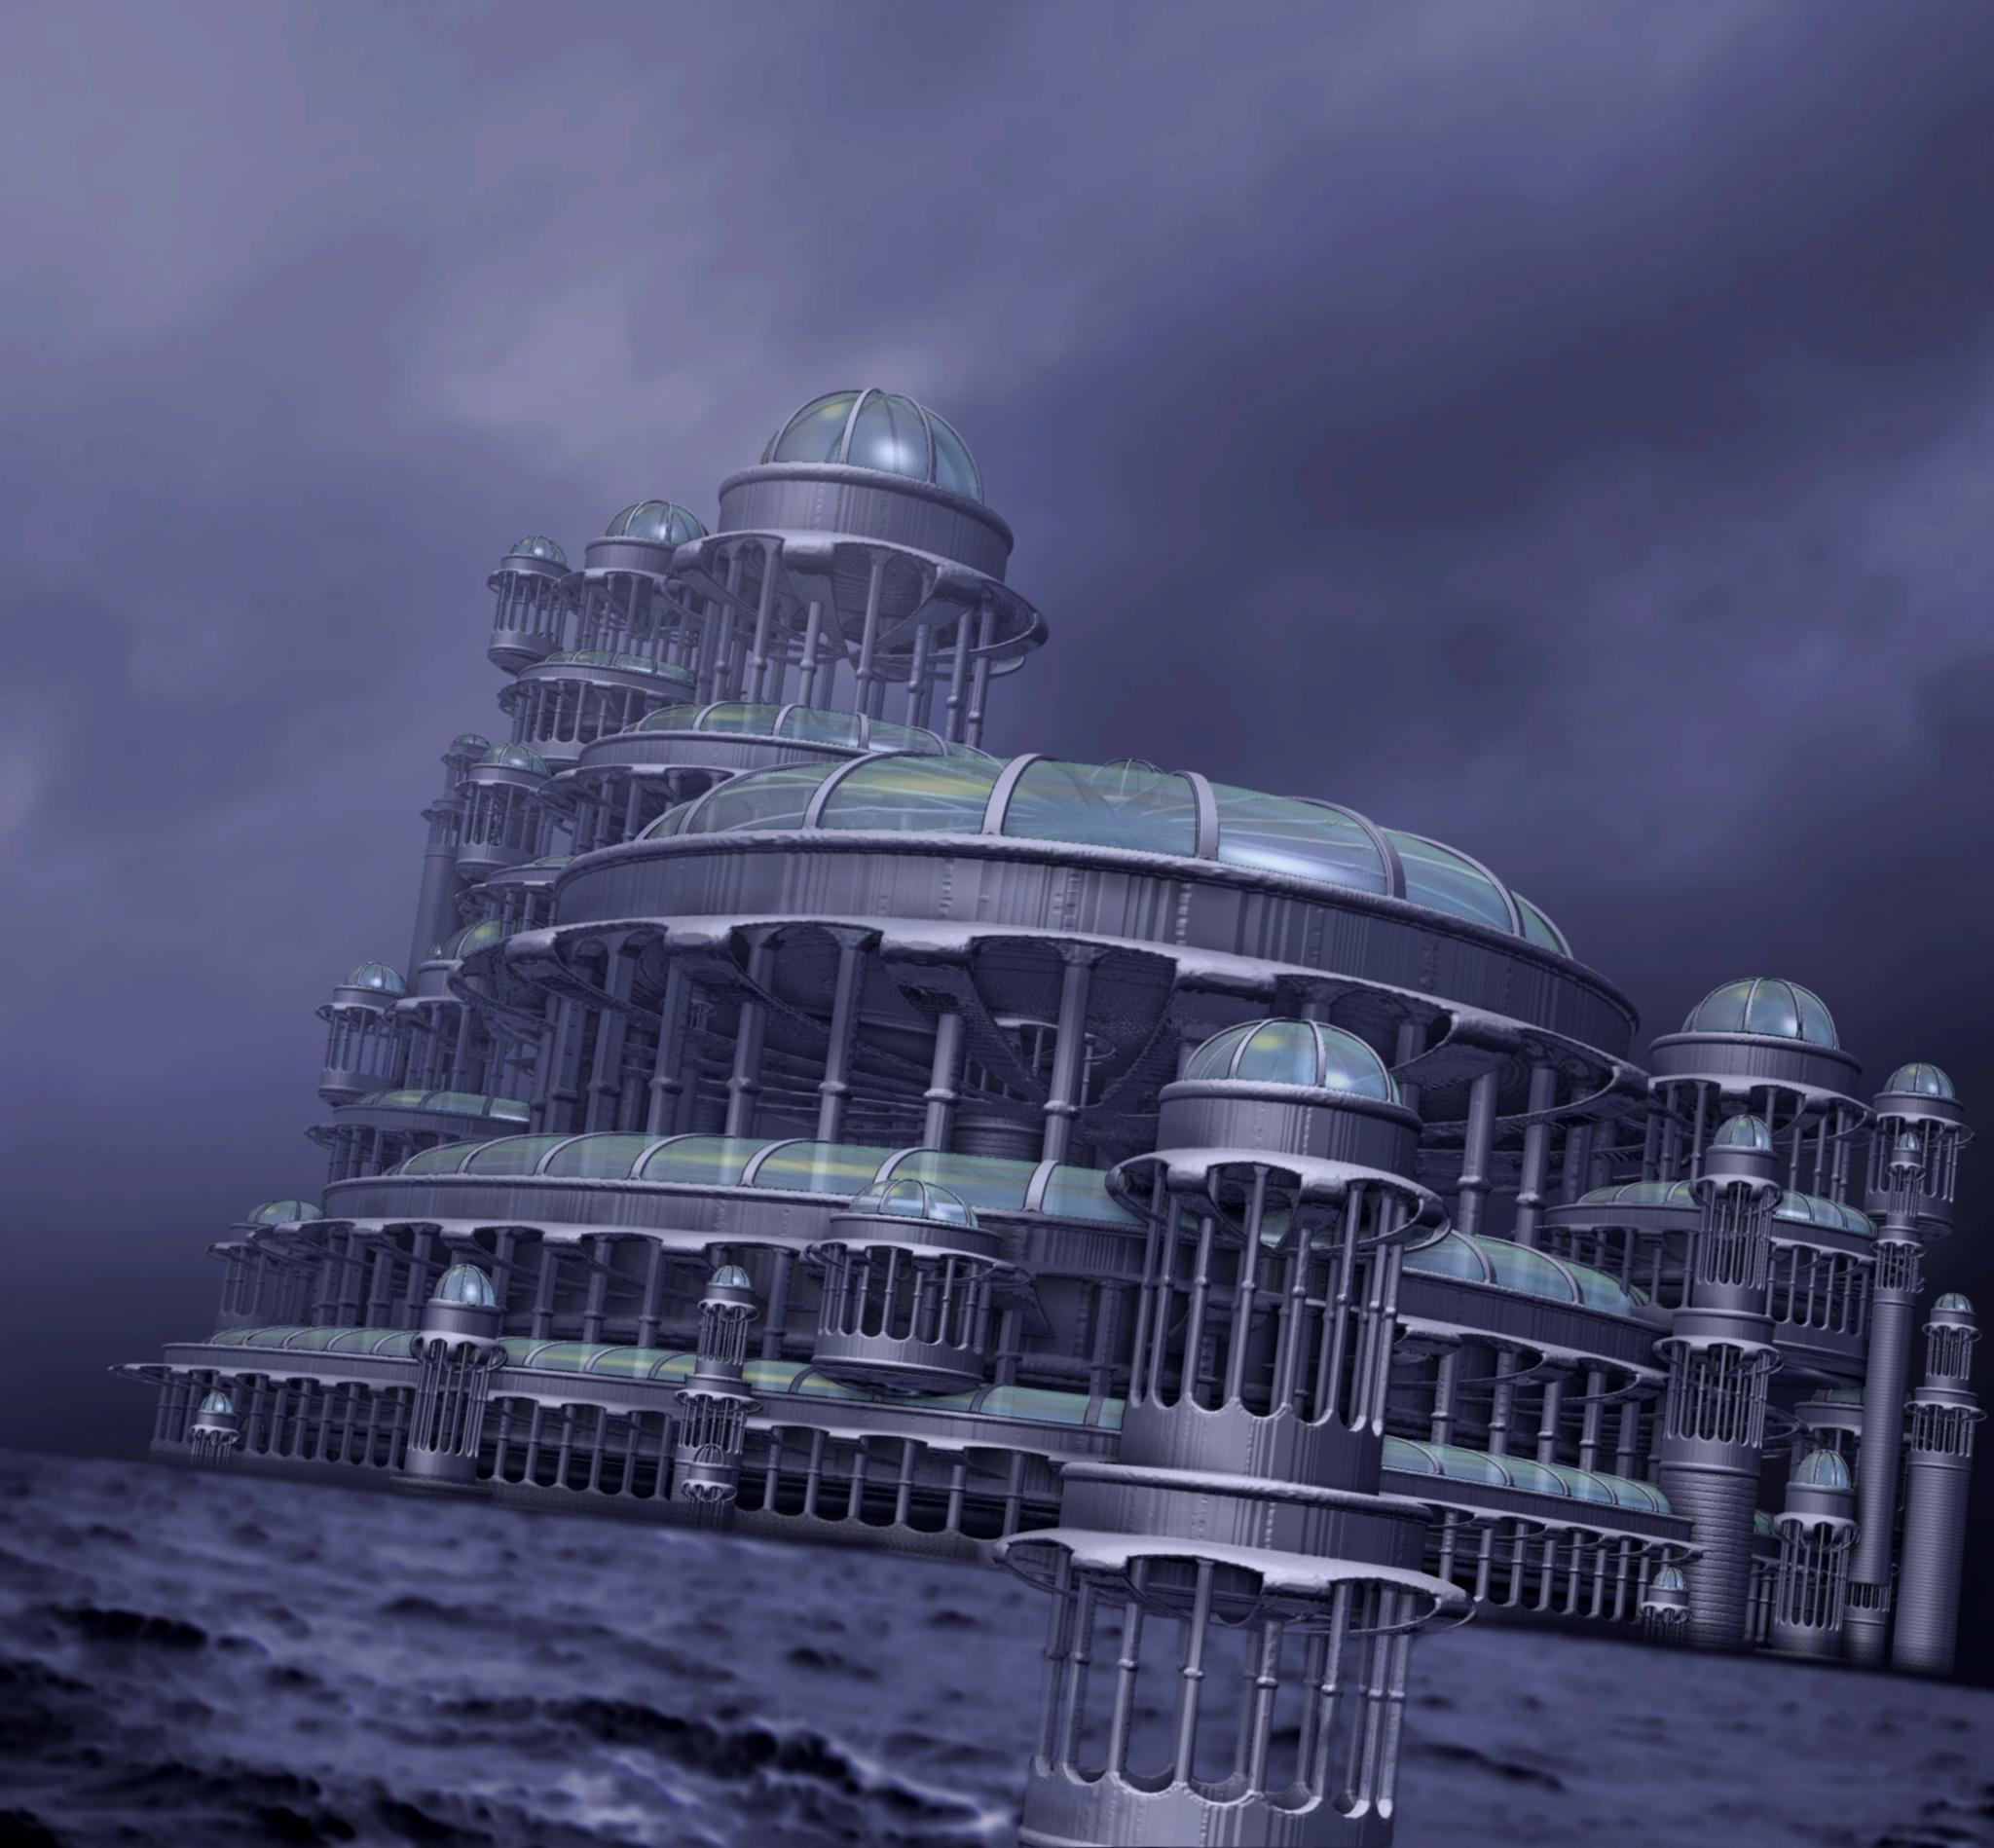 Hail Atlantis by quartertime